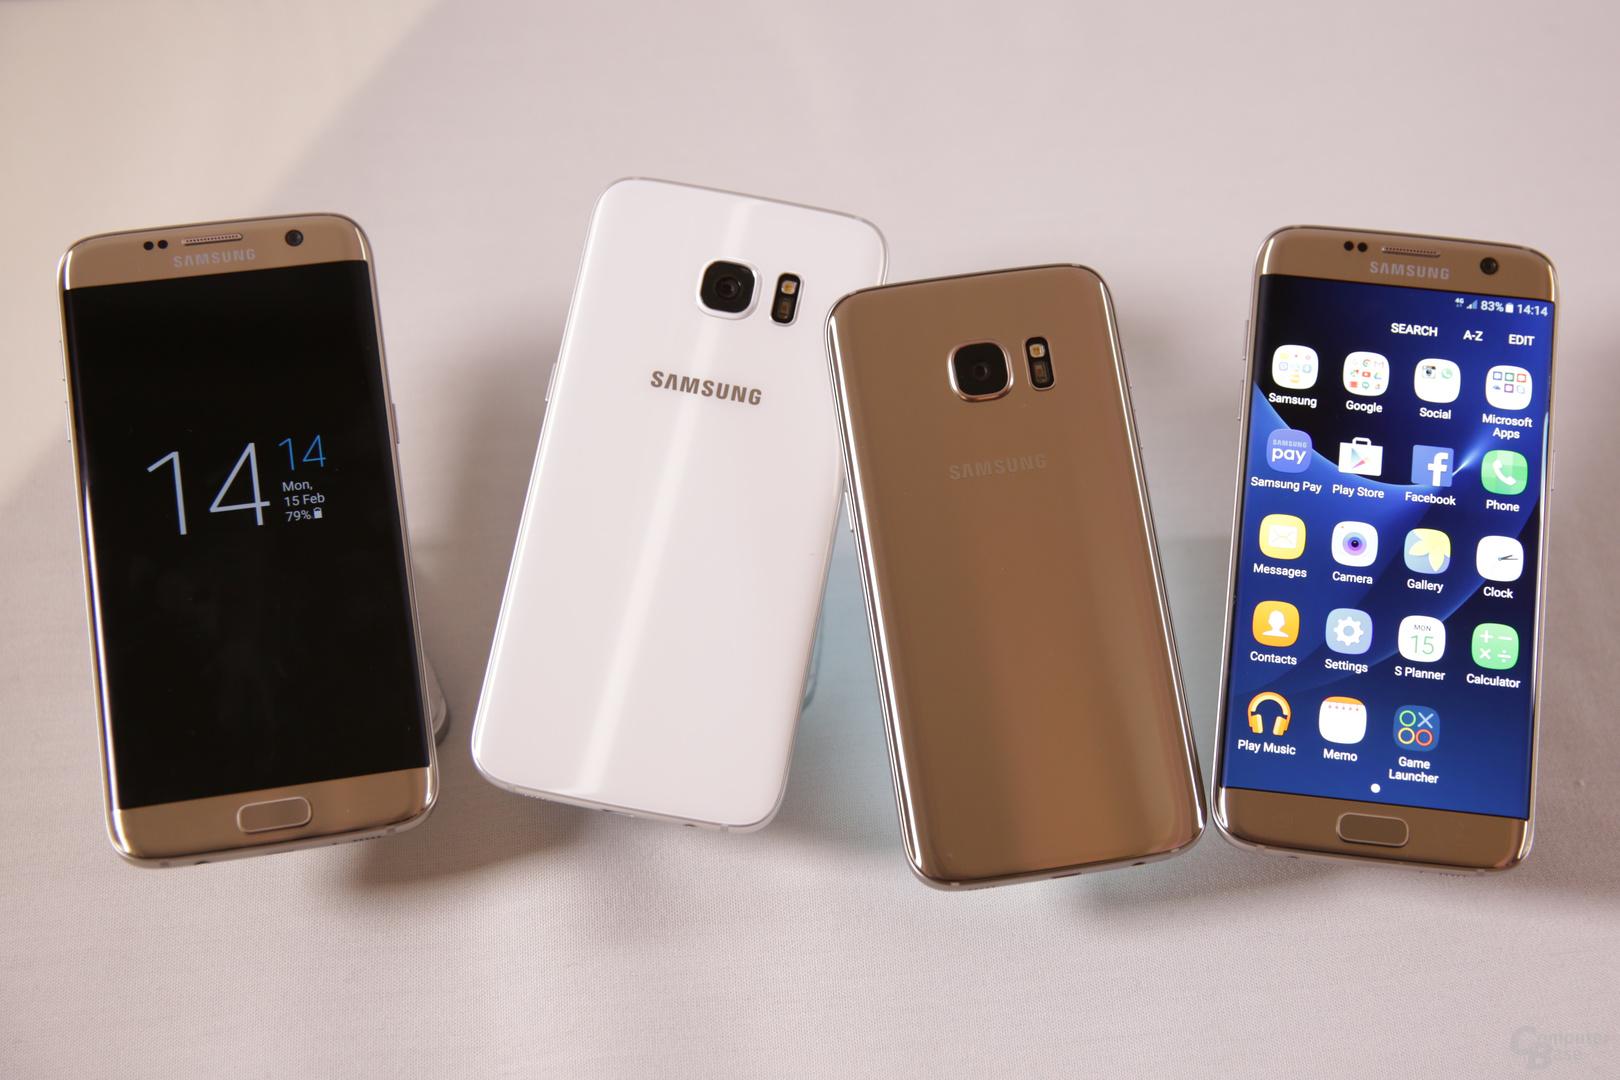 Das neue Galaxy S7 (edge) überzeugt in vielerlei Hinsicht